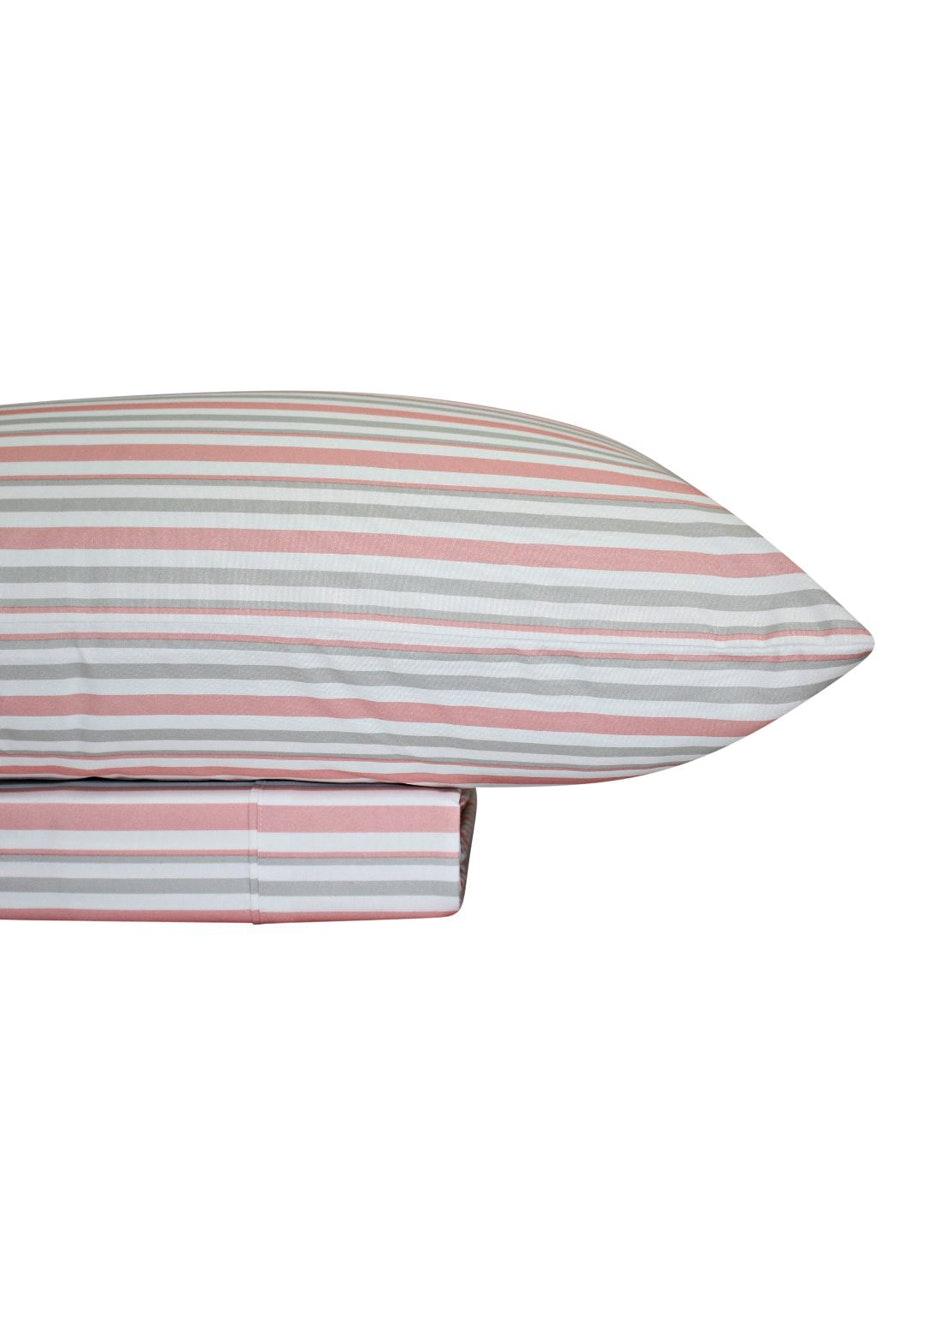 Thermal Flannel Sheet Sets - Stripe Design - Blossom/Glacier - King Single Bed